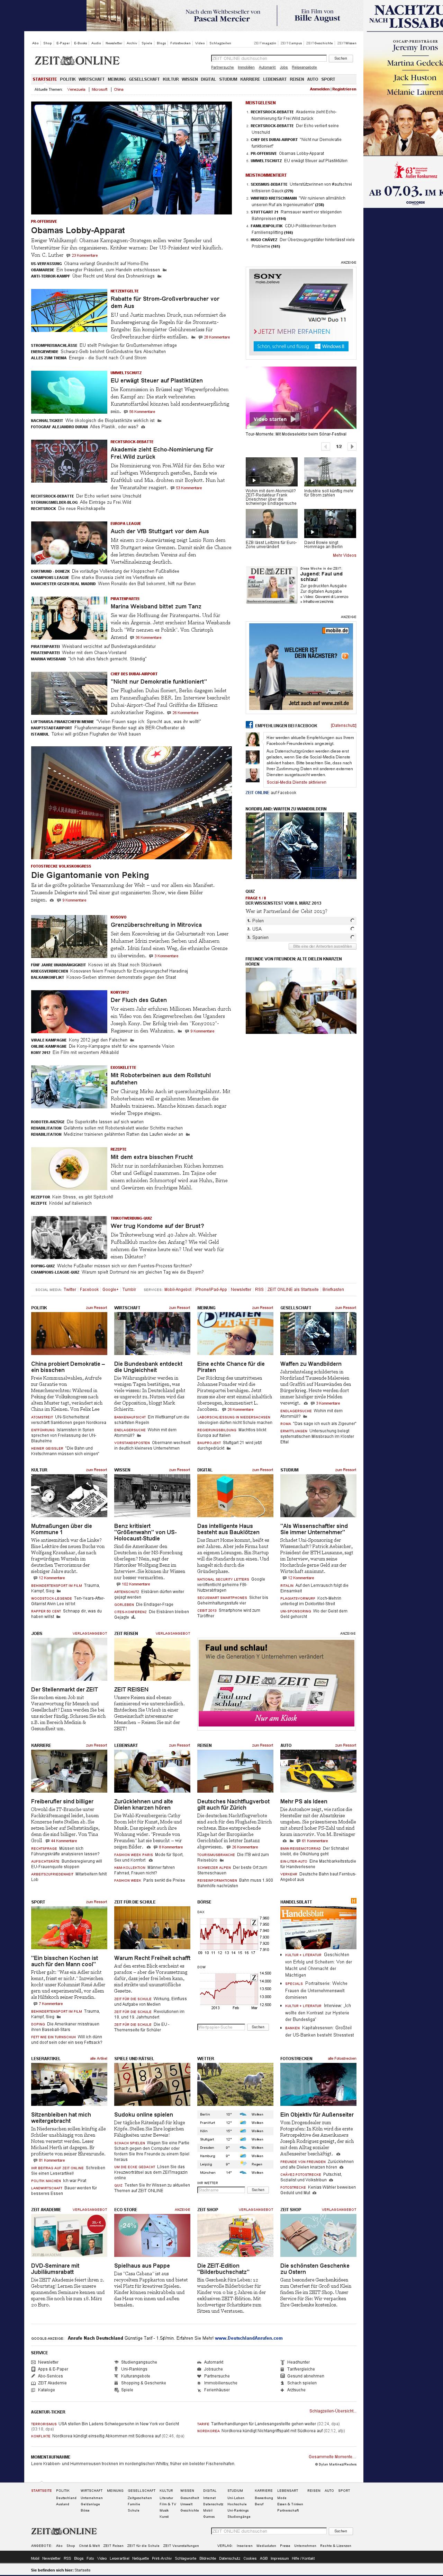 Zeit Online at Friday March 8, 2013, 2:25 a.m. UTC